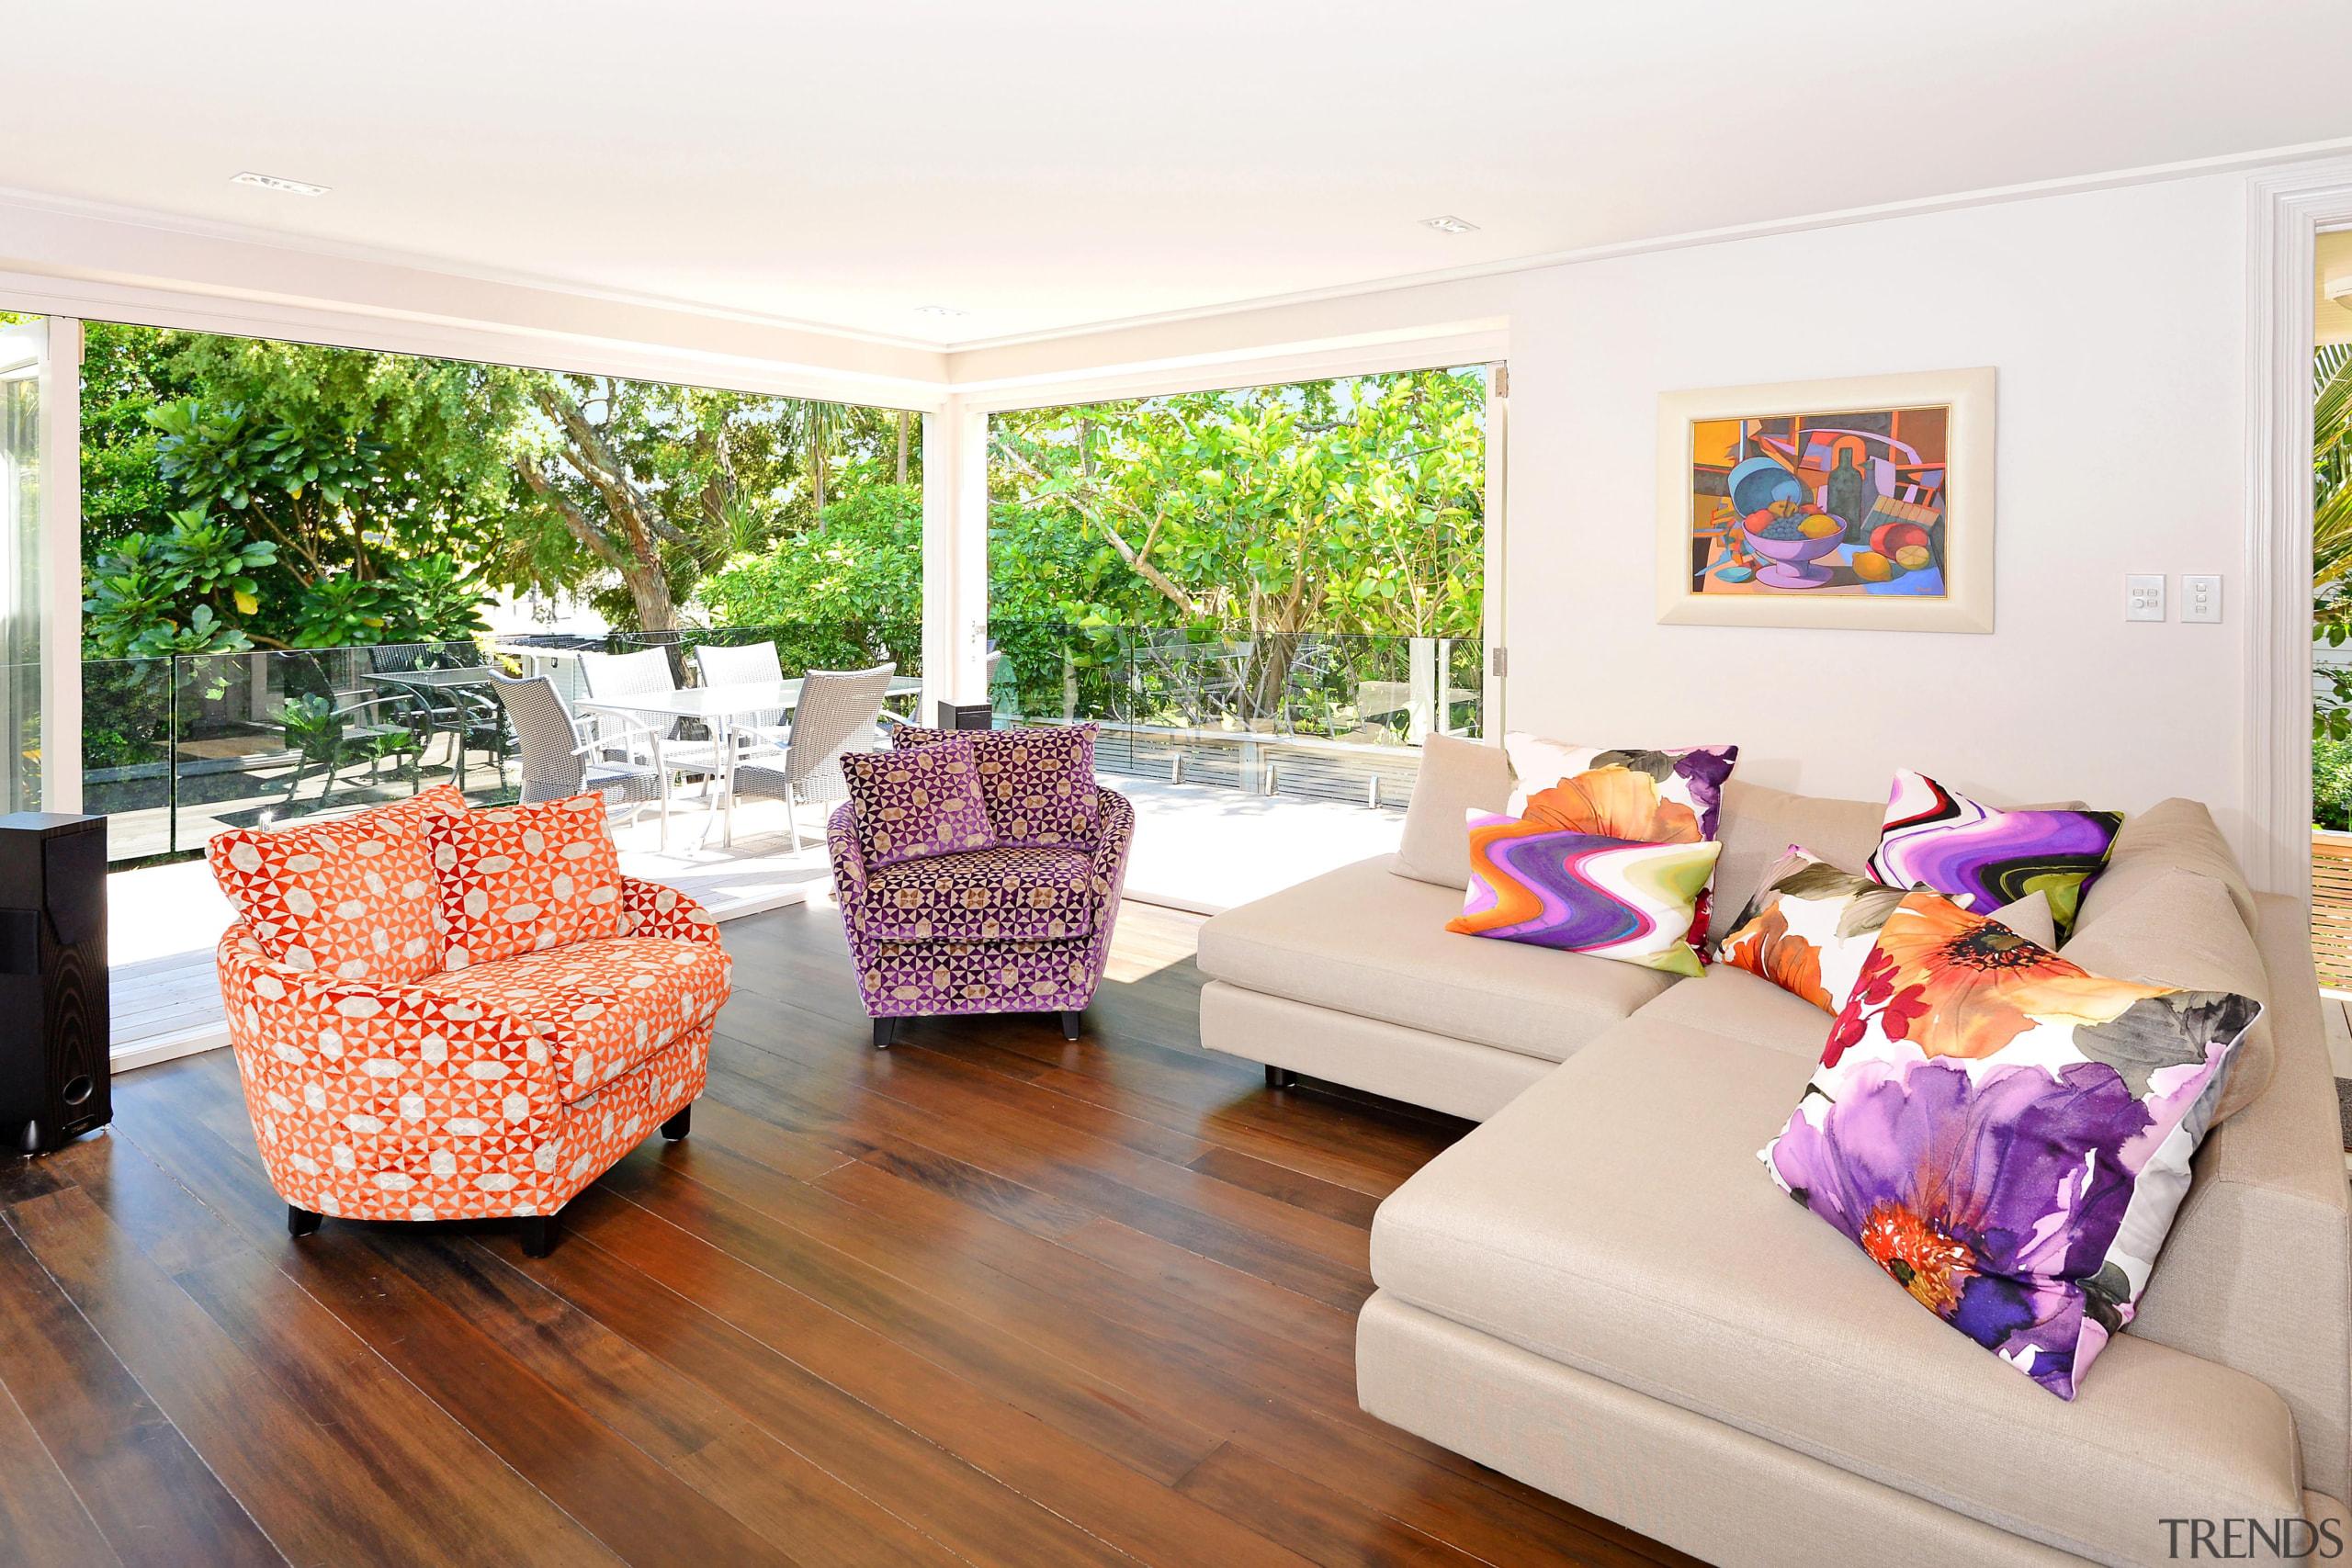 6001885.jpg - 6001885.jpg - estate | floor | estate, floor, home, house, interior design, living room, property, real estate, room, white